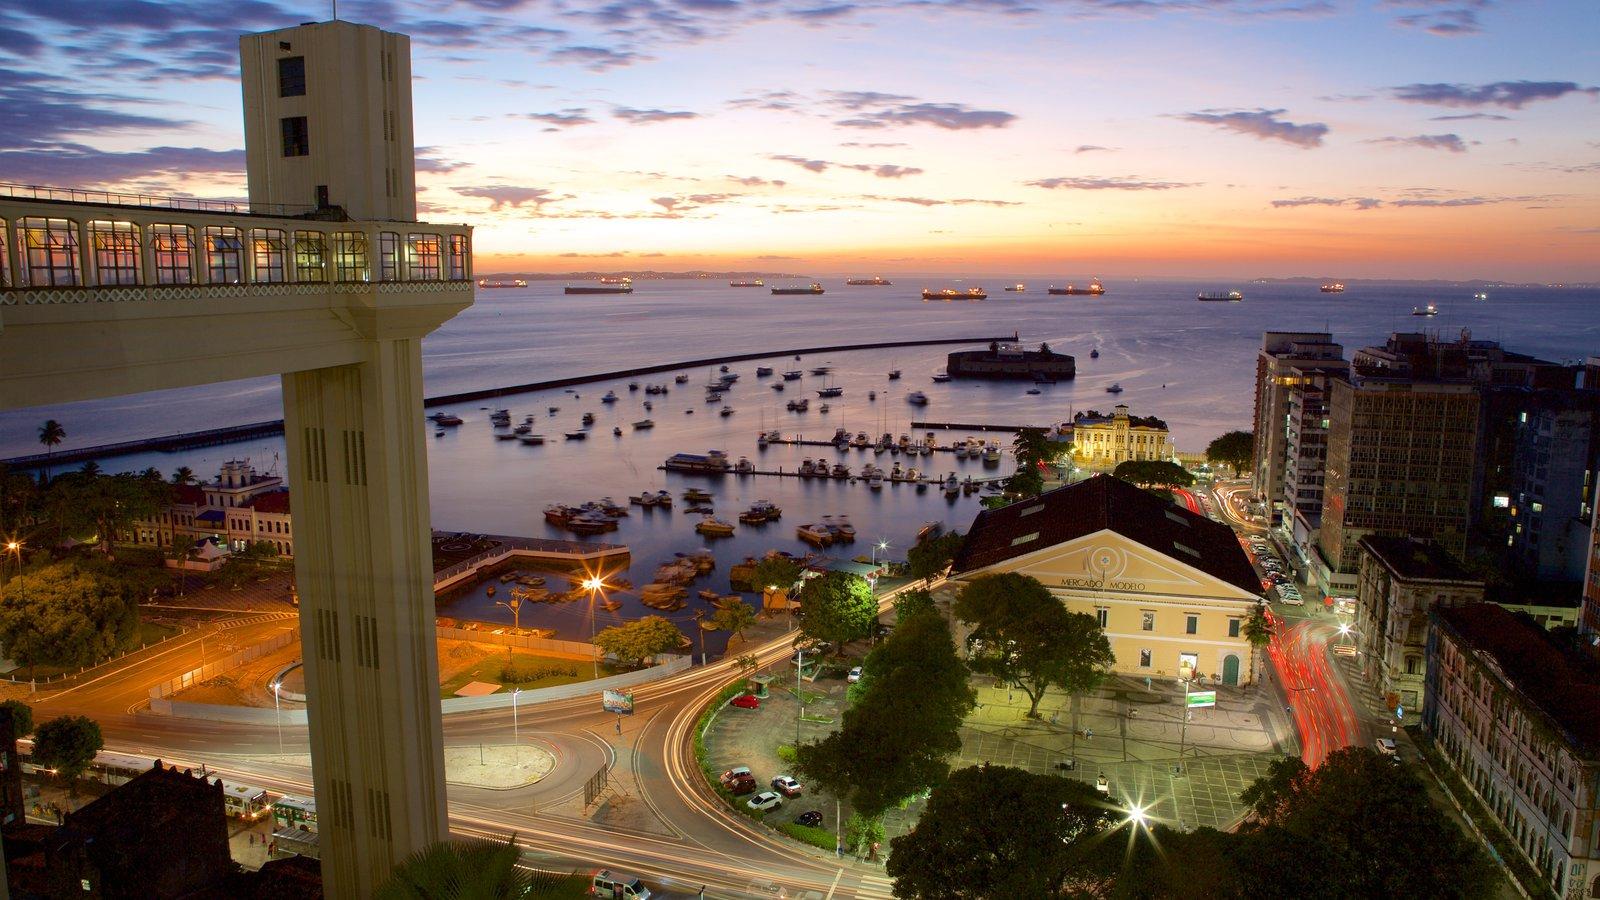 Salvador caracterizando paisagens litorâneas, uma cidade litorânea e uma marina